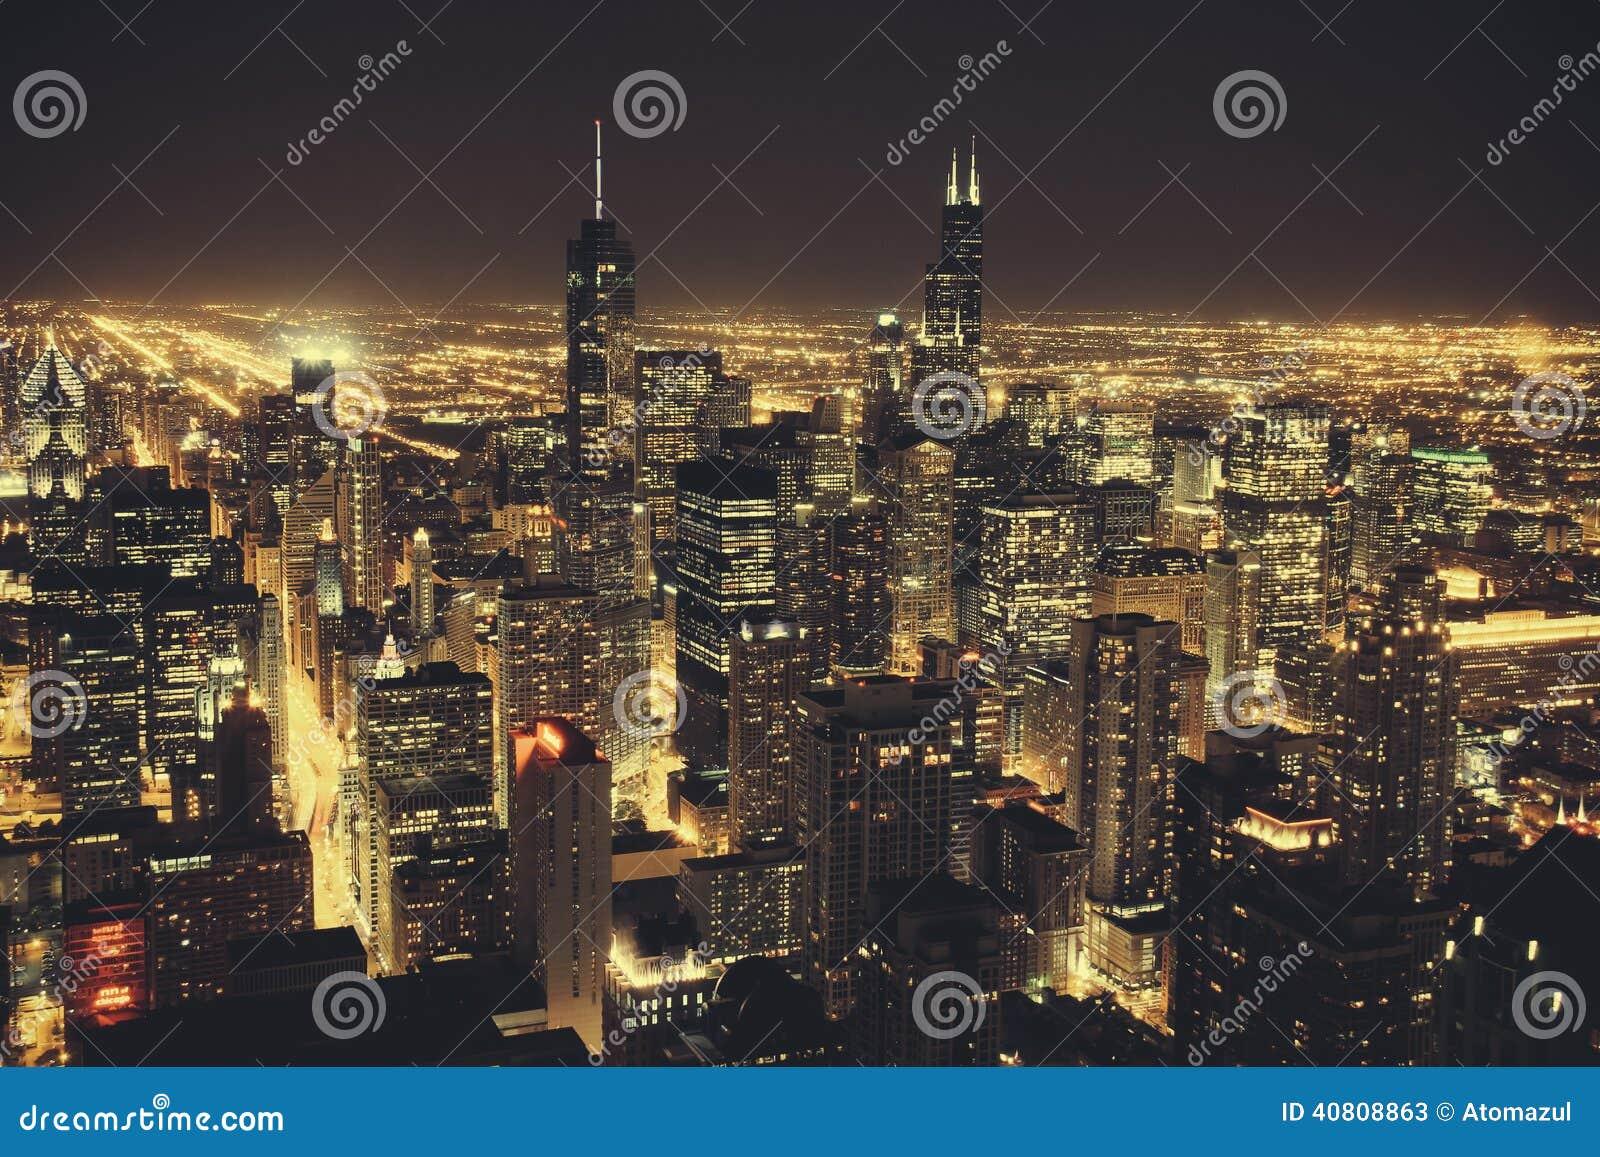 Chicago en la noche imagen de archivo. Imagen de horizonte - 40808863